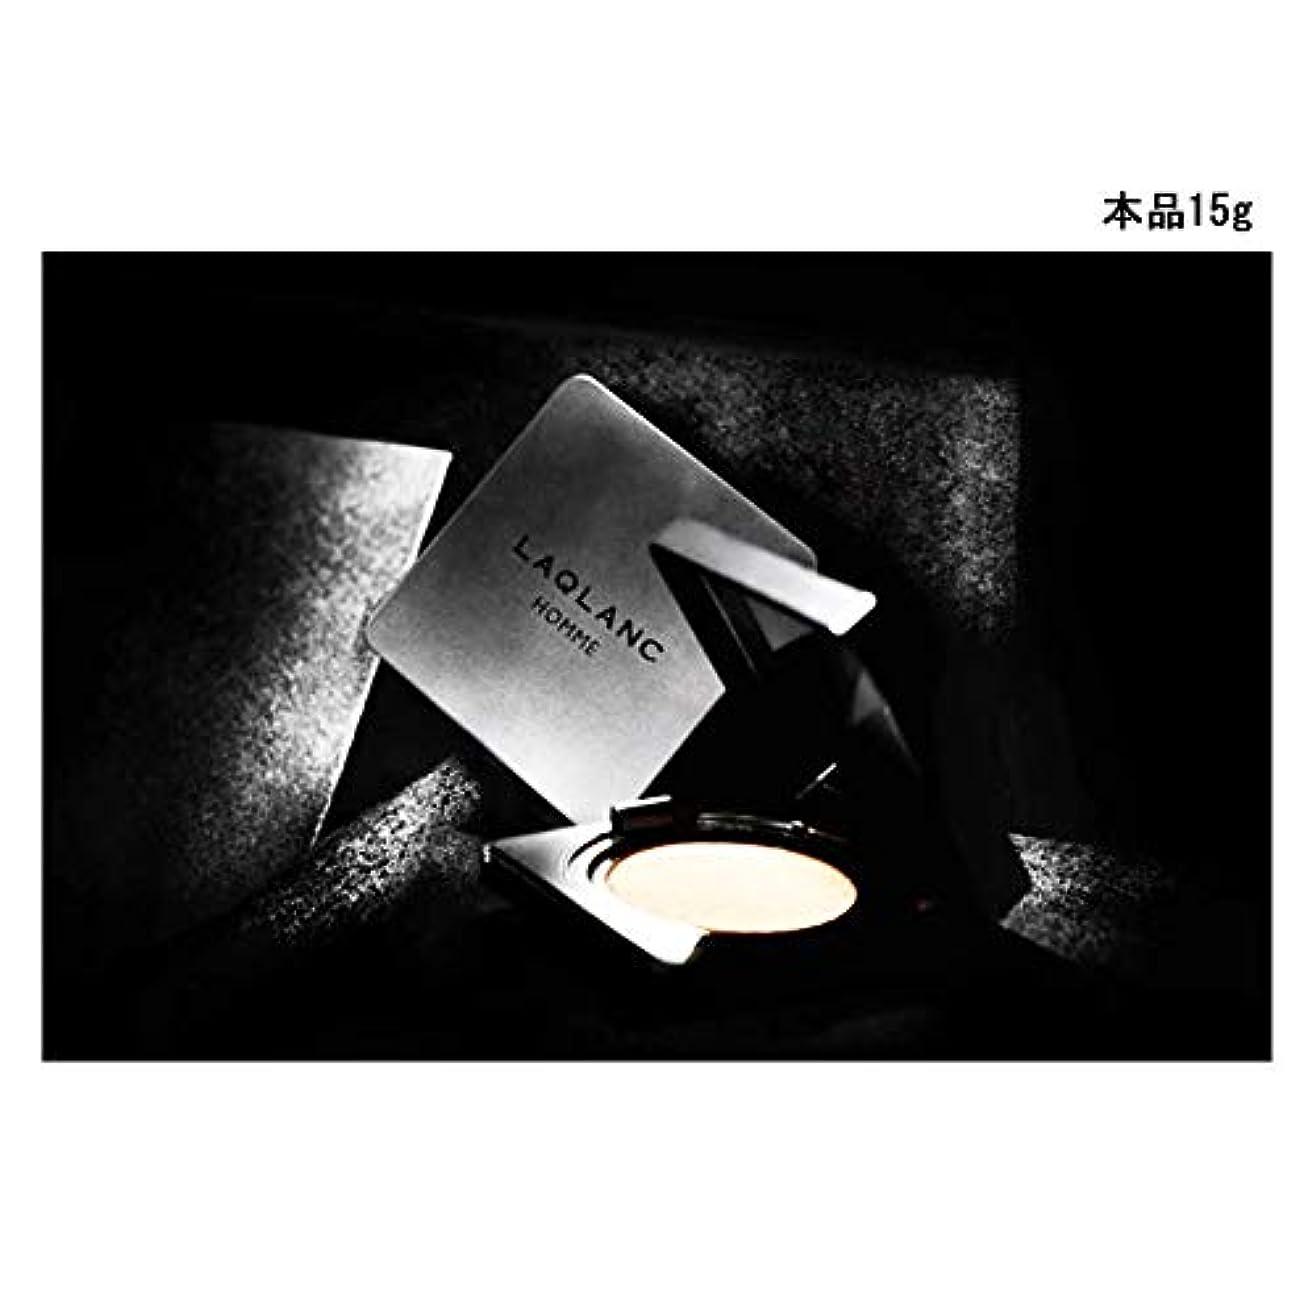 寝てる落花生層(Laqlanc)大人気 10秒完成 ナチュラル 肌色アップ 紫外線遮断 ホワイトニング 男性 エアクッション 15g [海外配送品] [並行輸入品]